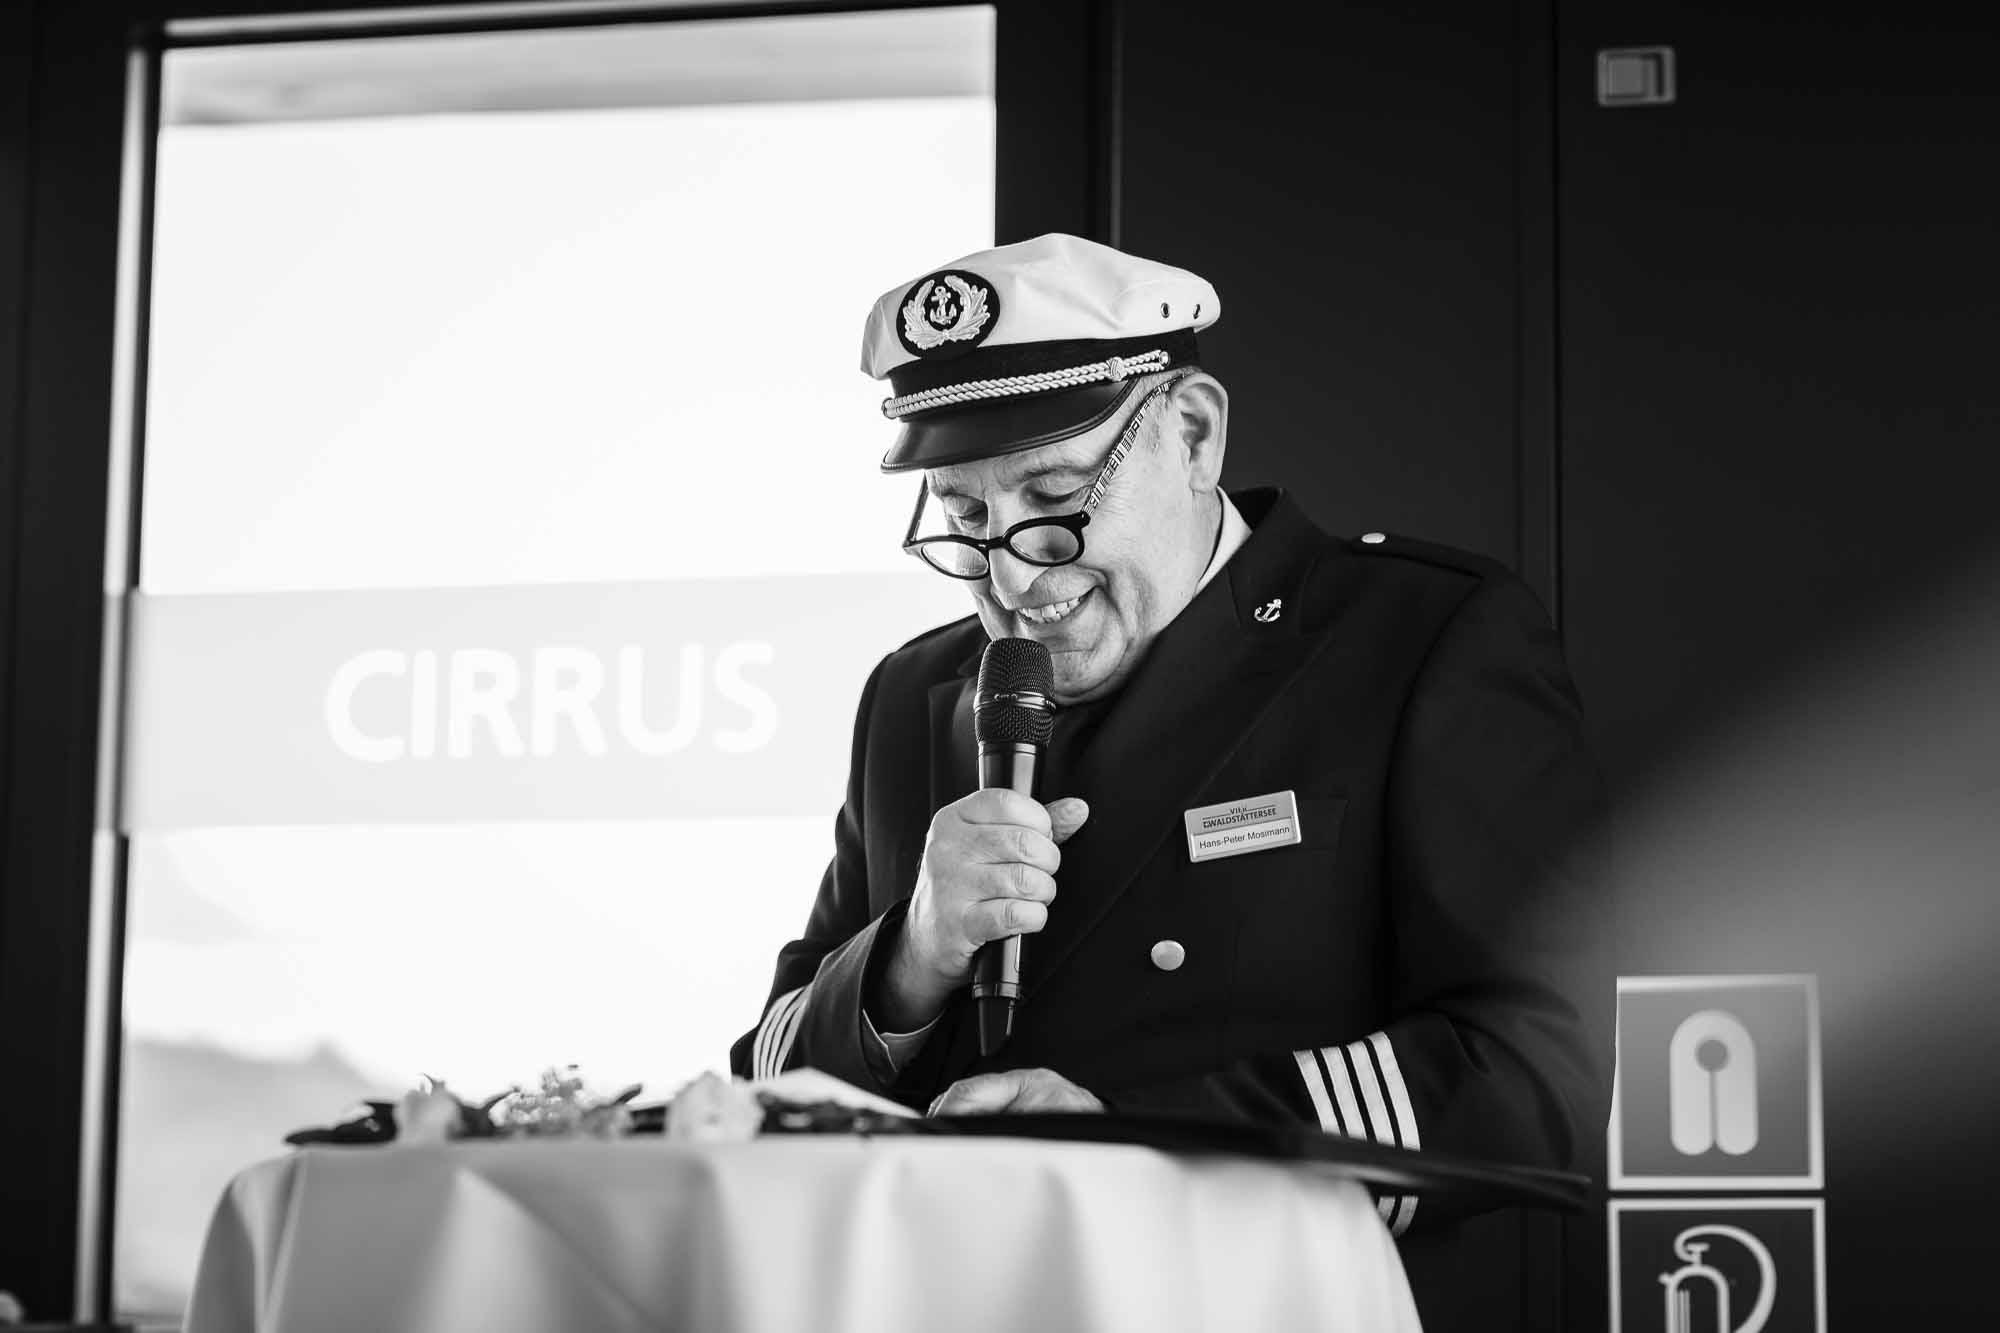 Kapitän macht Trauung auf Schiff